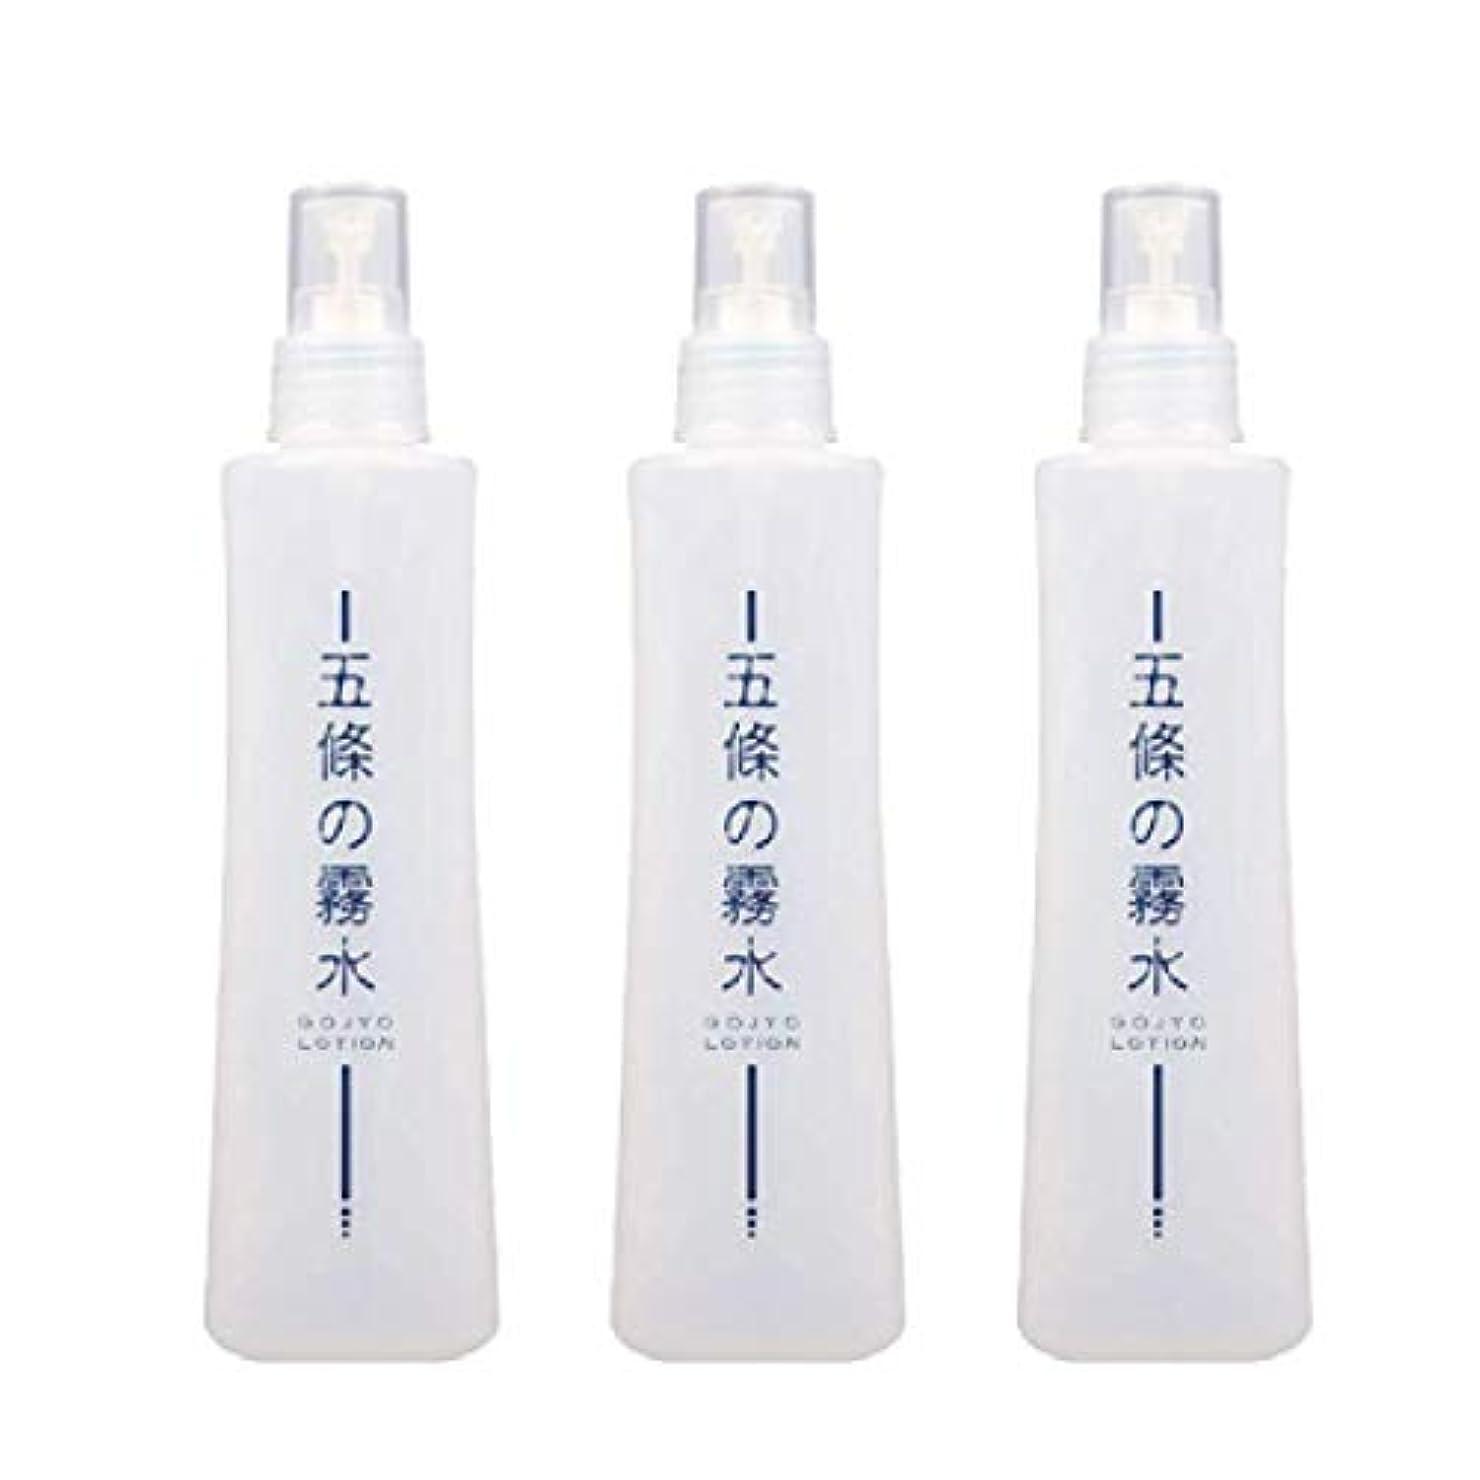 蓋ガイド雑草五條の霧水ベーシック(3本セット) +アレッポの石鹸1個プレゼント 無添加保湿化粧水